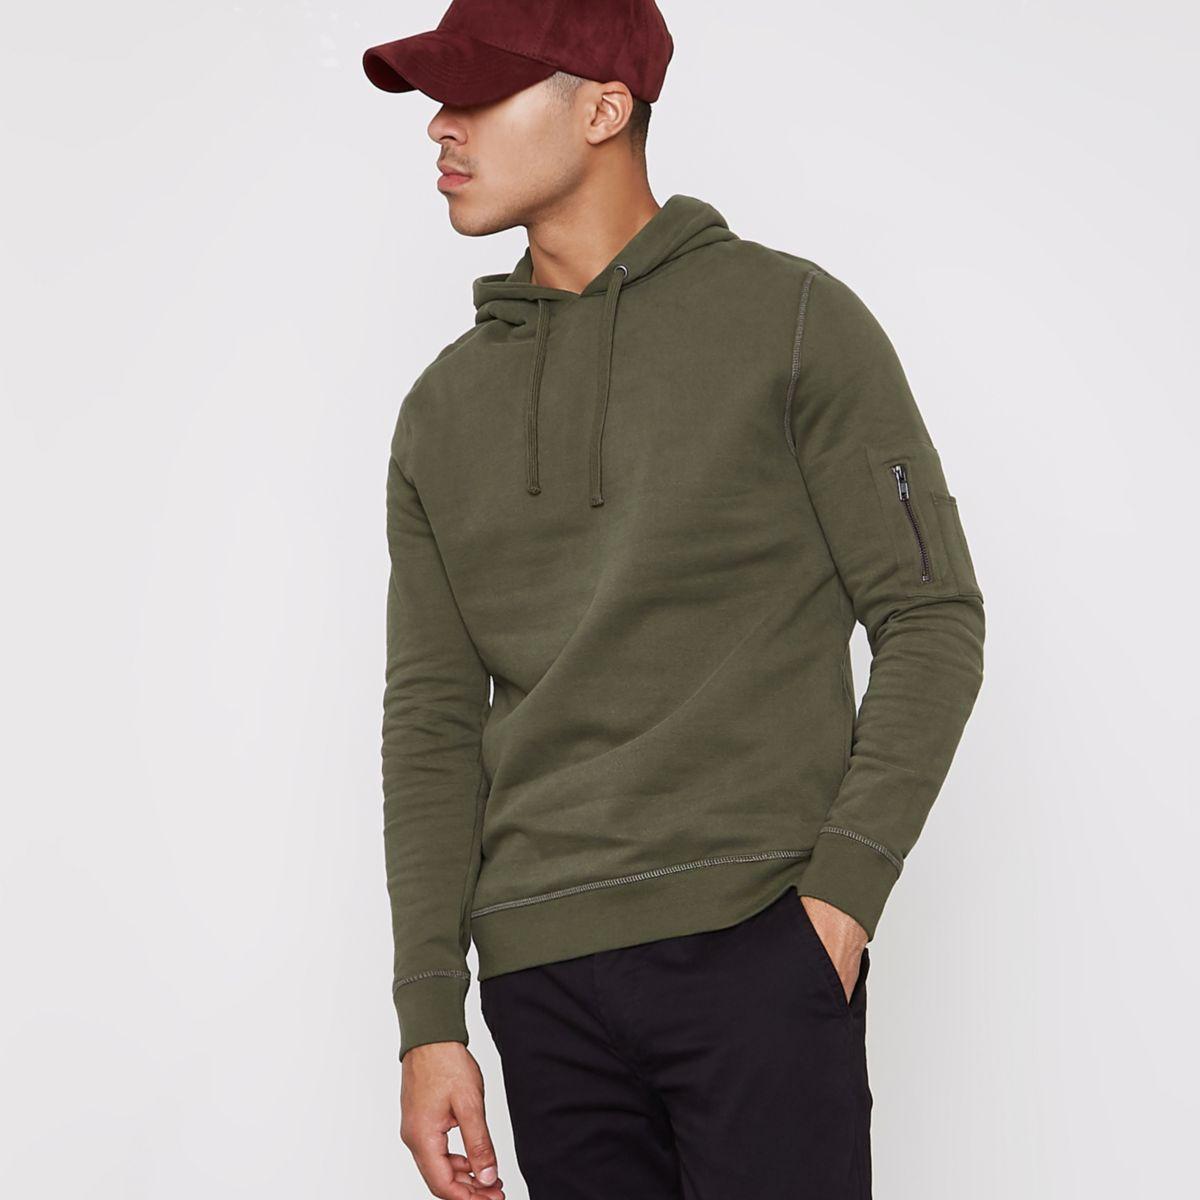 Khaki green zip pocket sleeve hoodie